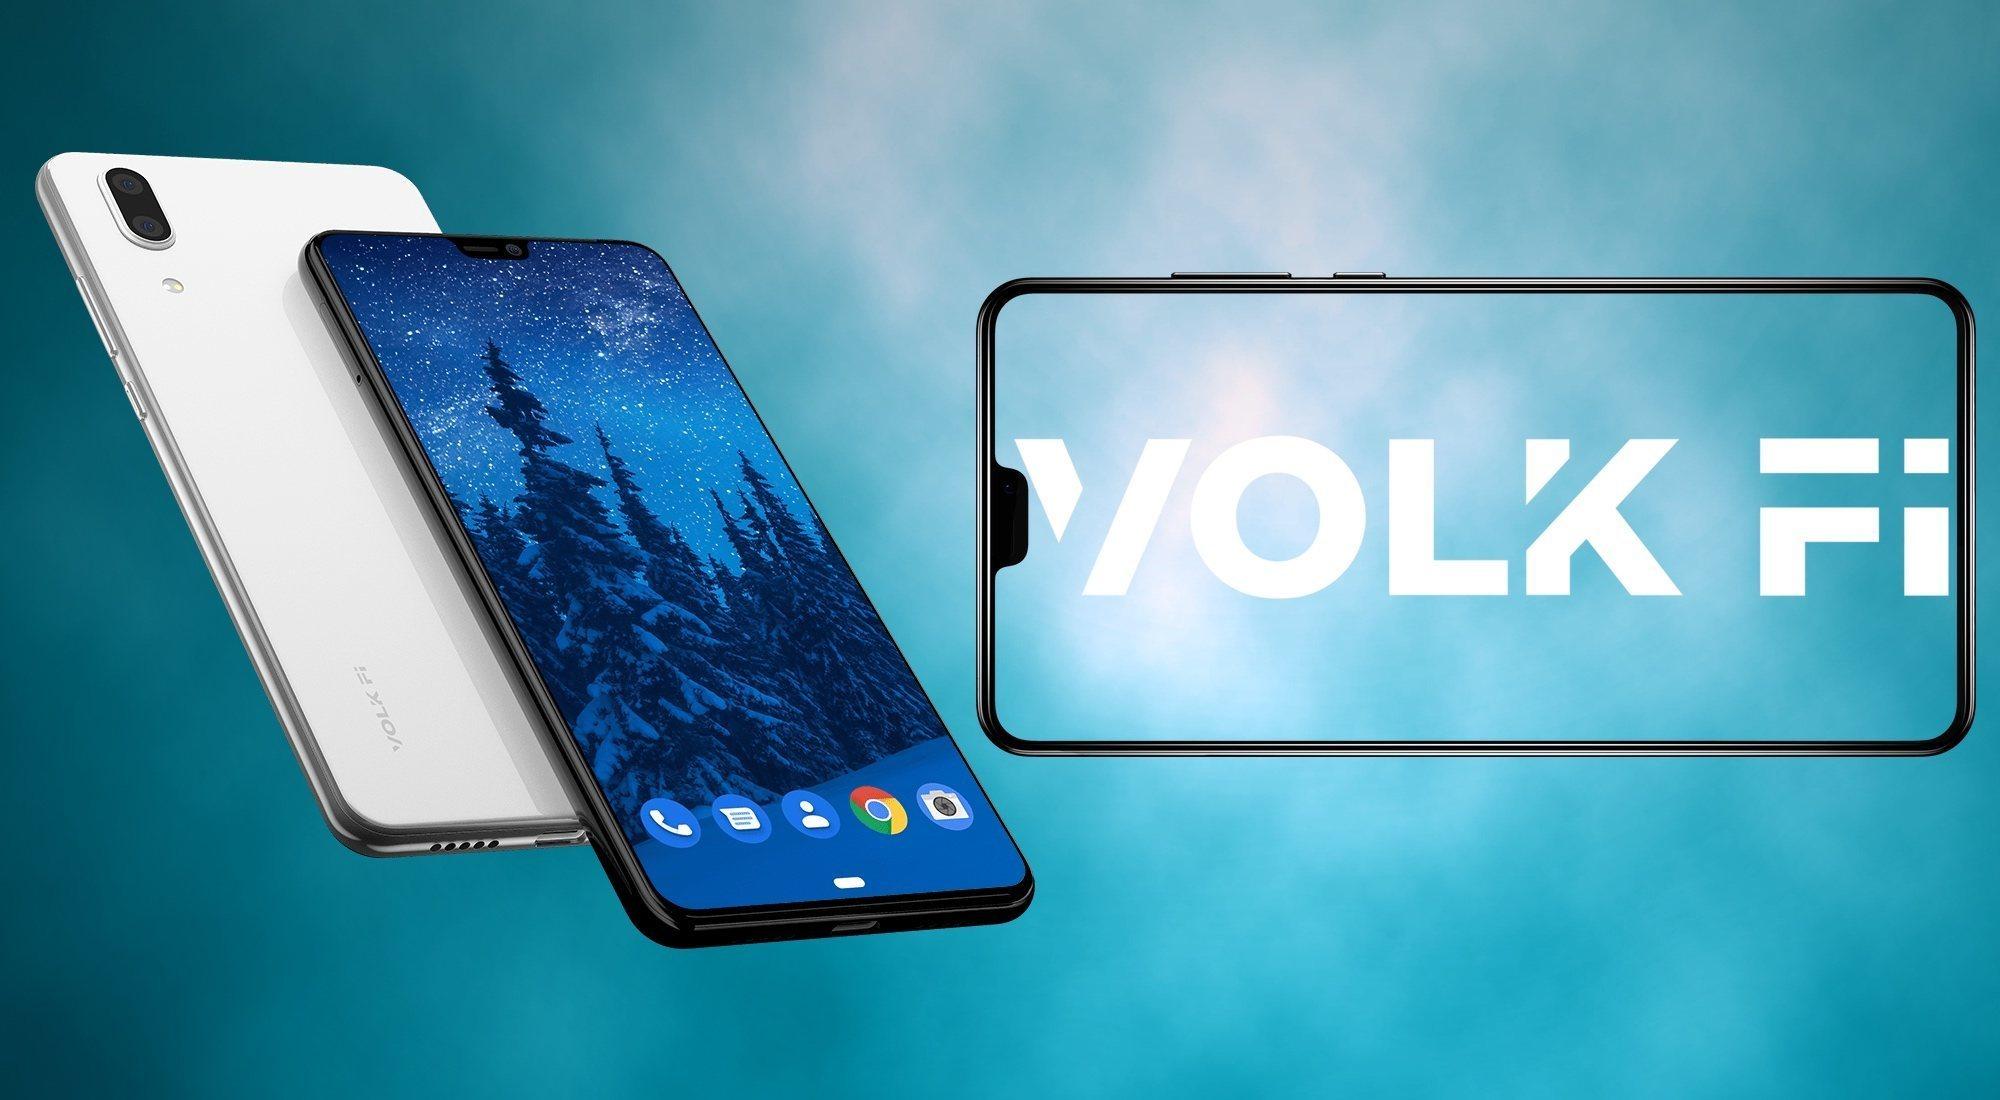 Volk One, el móvil de Volk Fi que podría suponer el fin de las compañías telefónicas